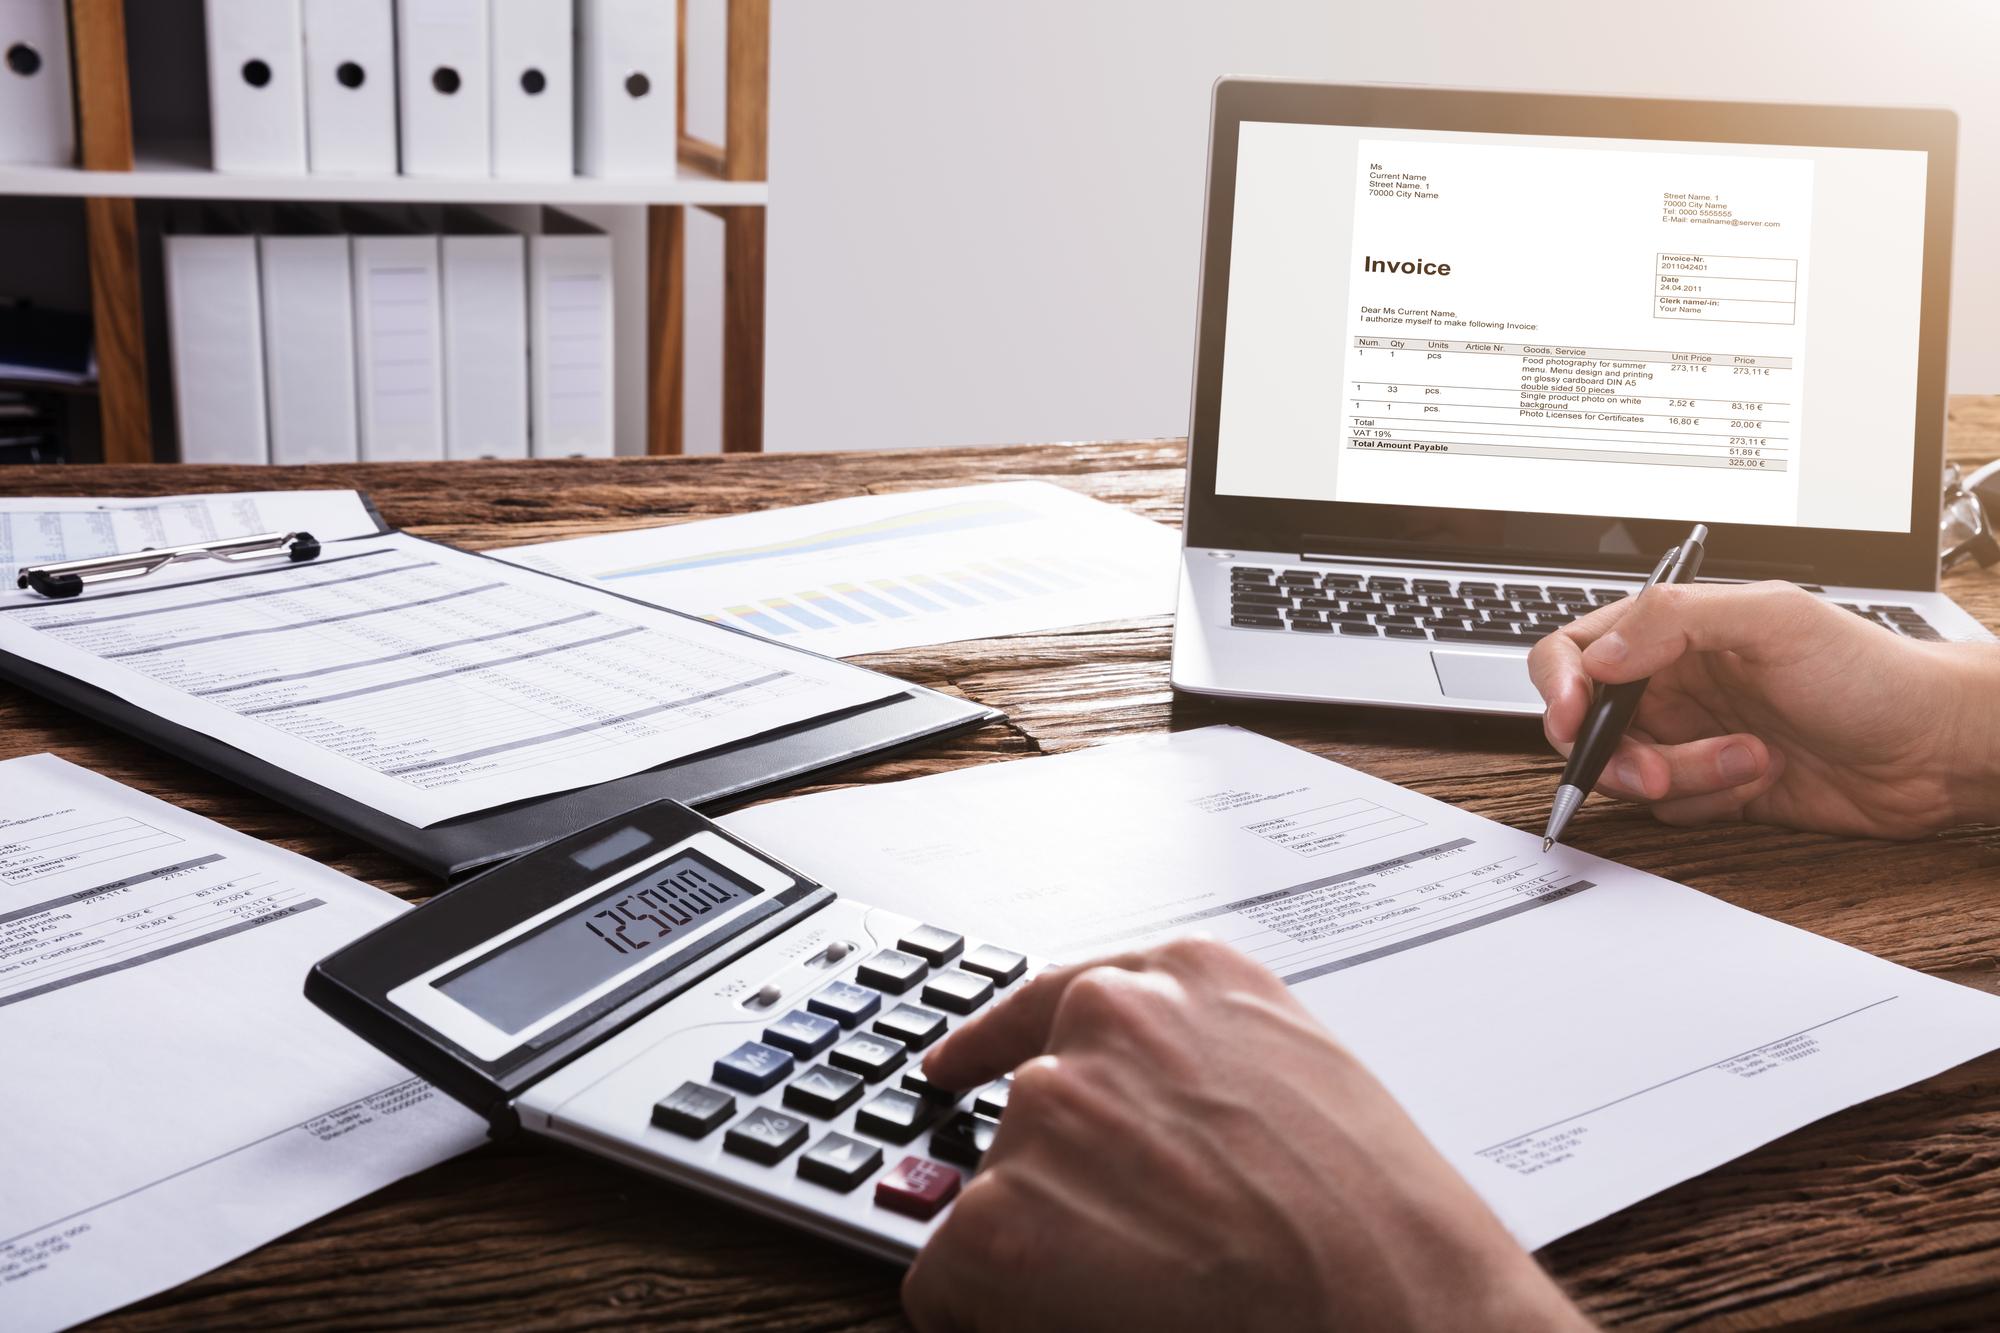 Les entreprises vont pouvoir demander un remboursement anticipé des créances d'impôt /crédit DeposiotPhoto